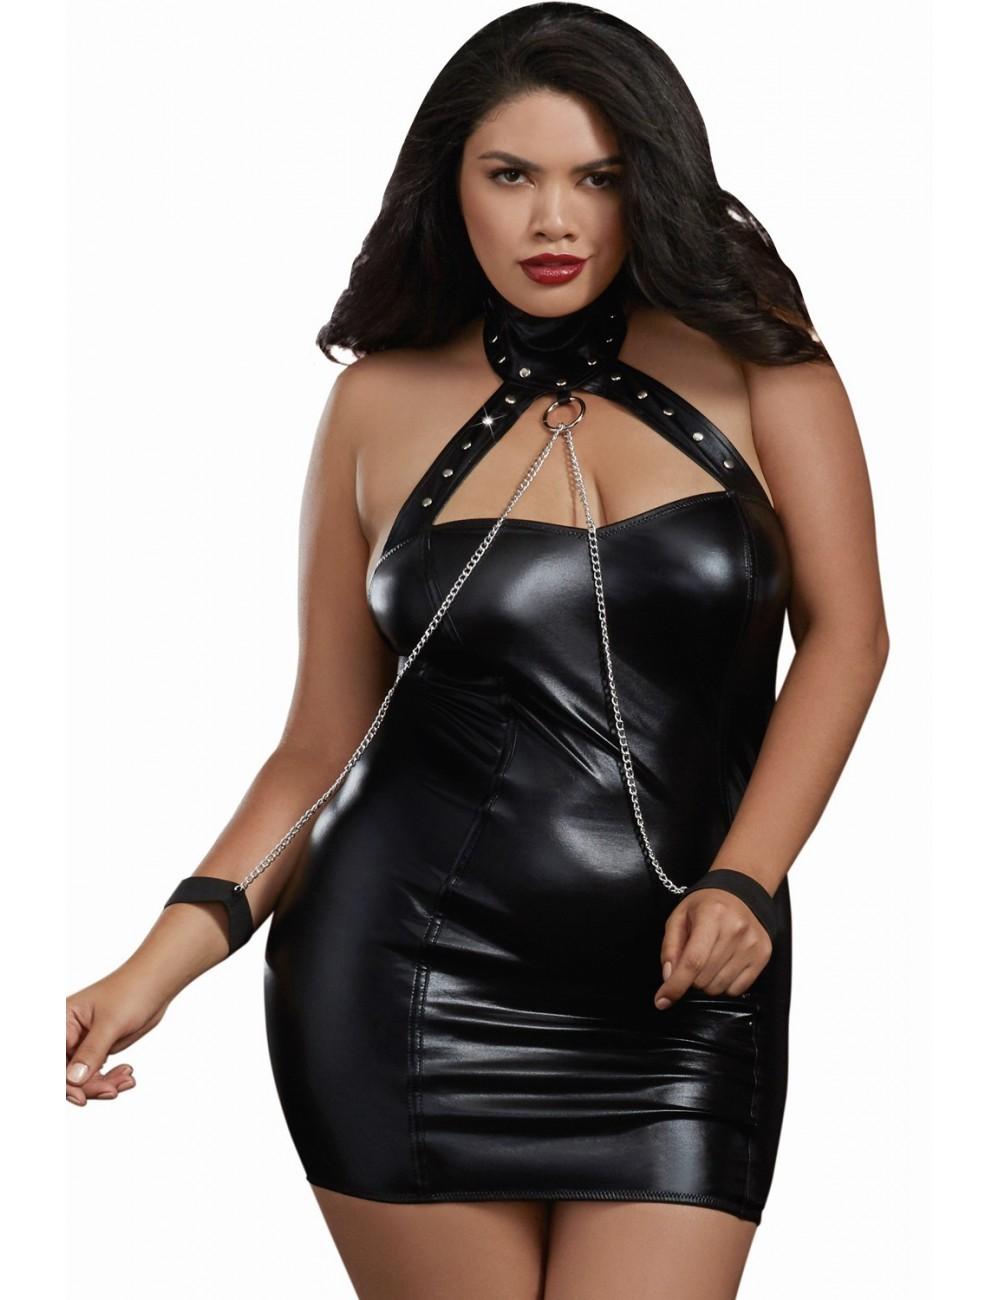 Lingerie - Fetish et cuir - Robe fétichiste grande taille simili cuir avec menottes et chaînes - DG11526XBLK - Dreamgirl